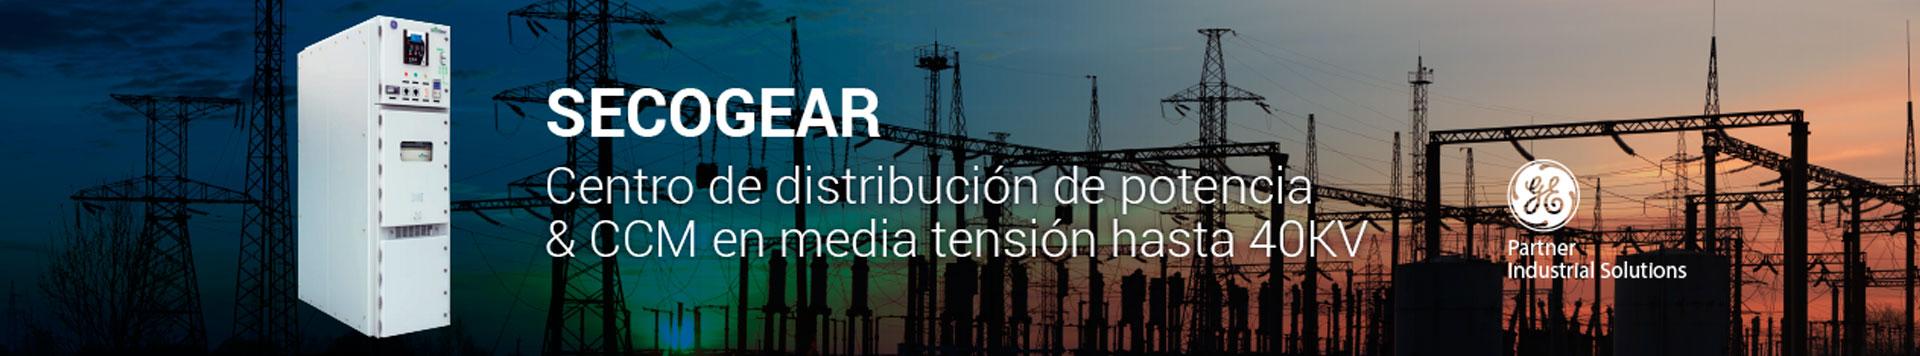 Centro de distribución de potencia CCM en media tensión hasta 40KV